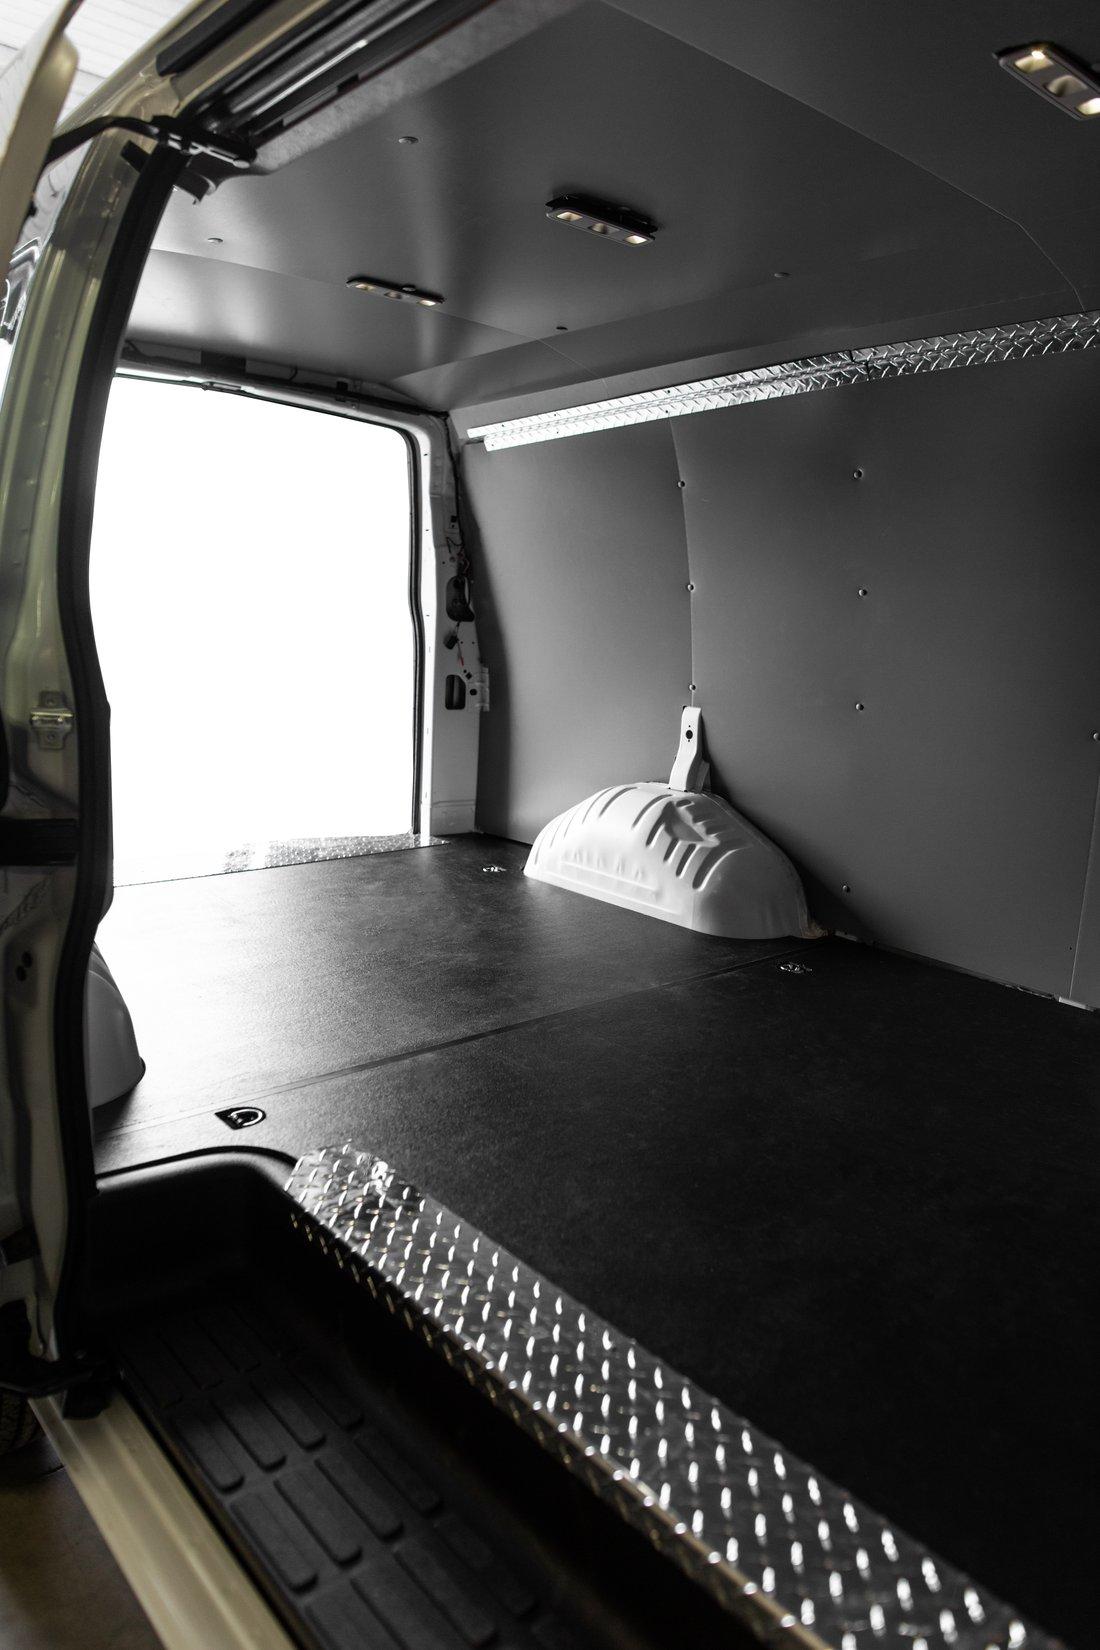 Chev Express Van-9637-white